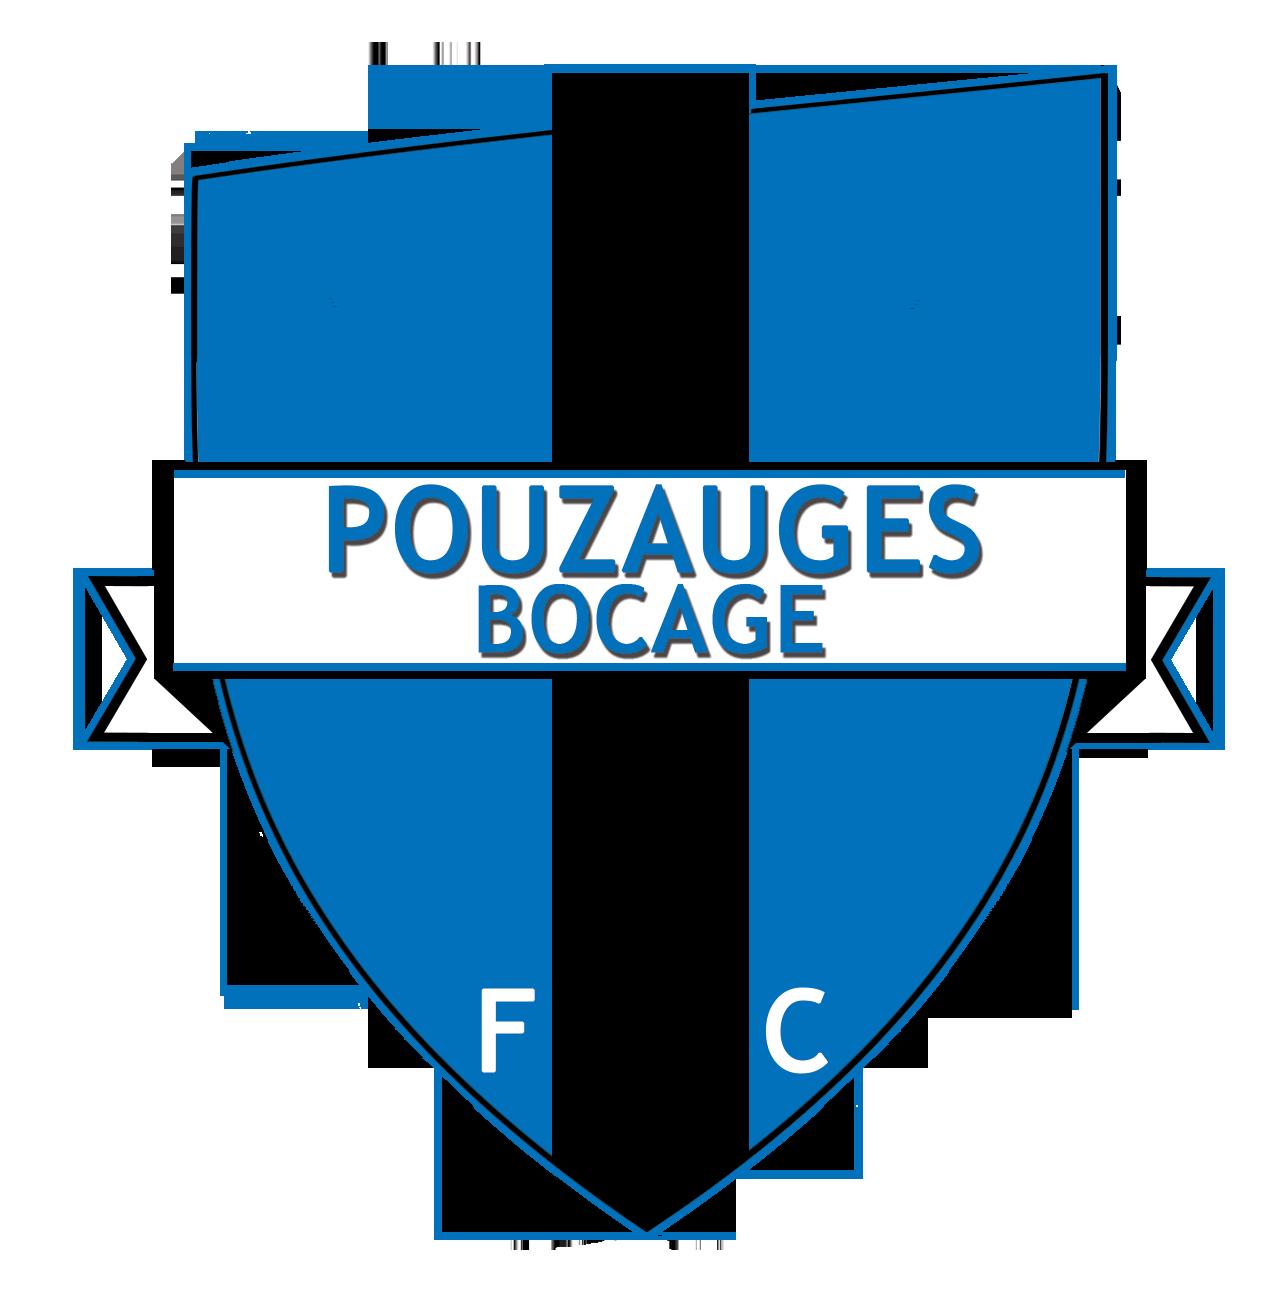 PBFC Pouzauges Bocage